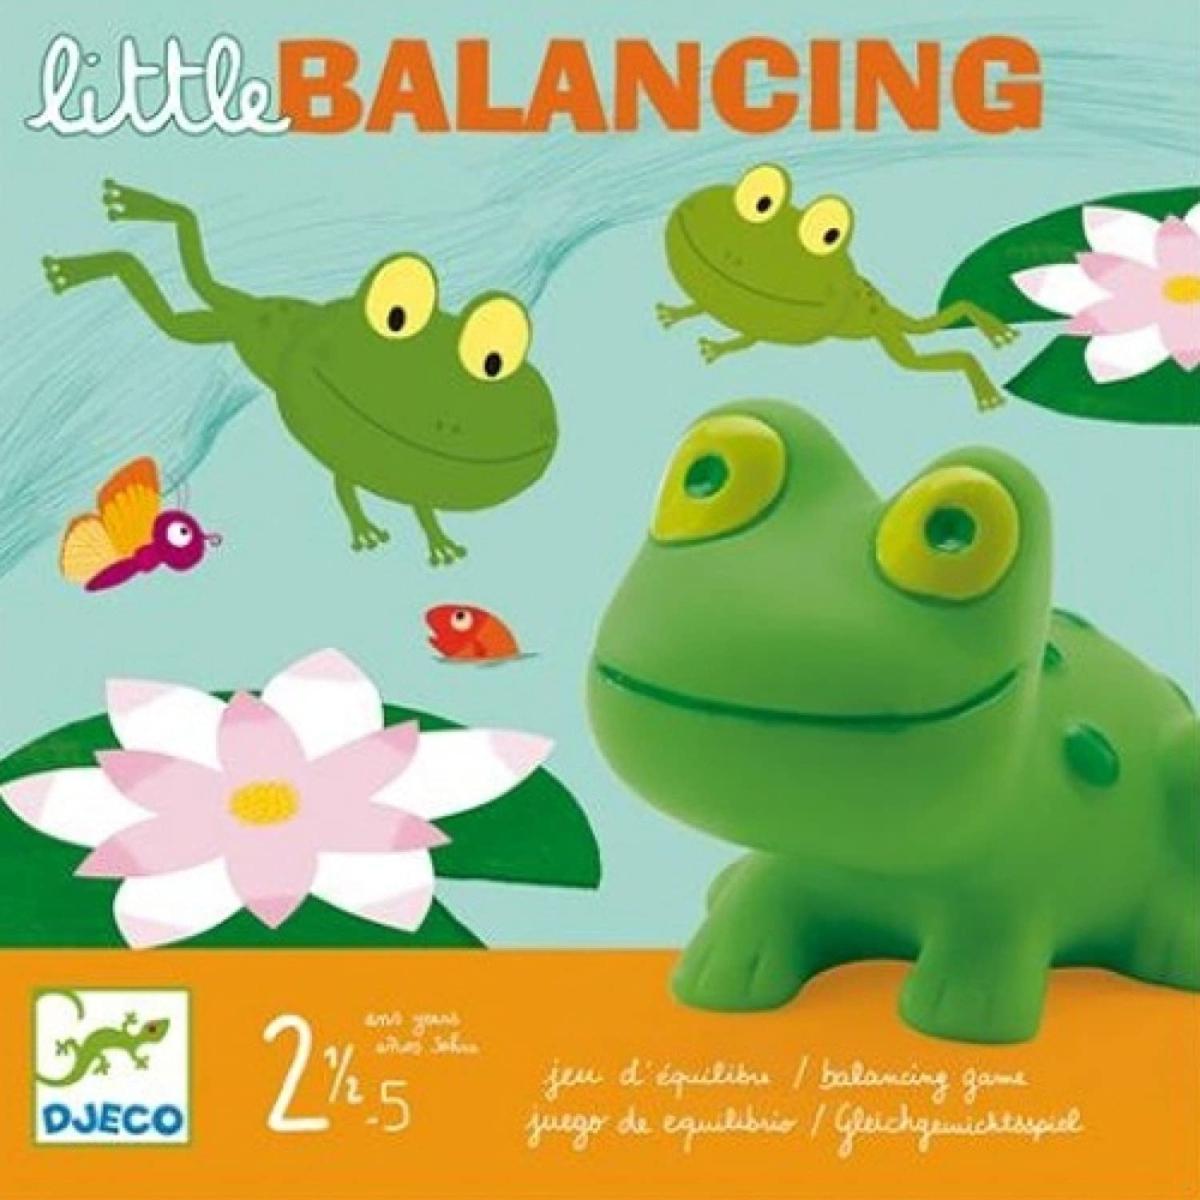 Little Balancing Primo Gioco Società Djeco